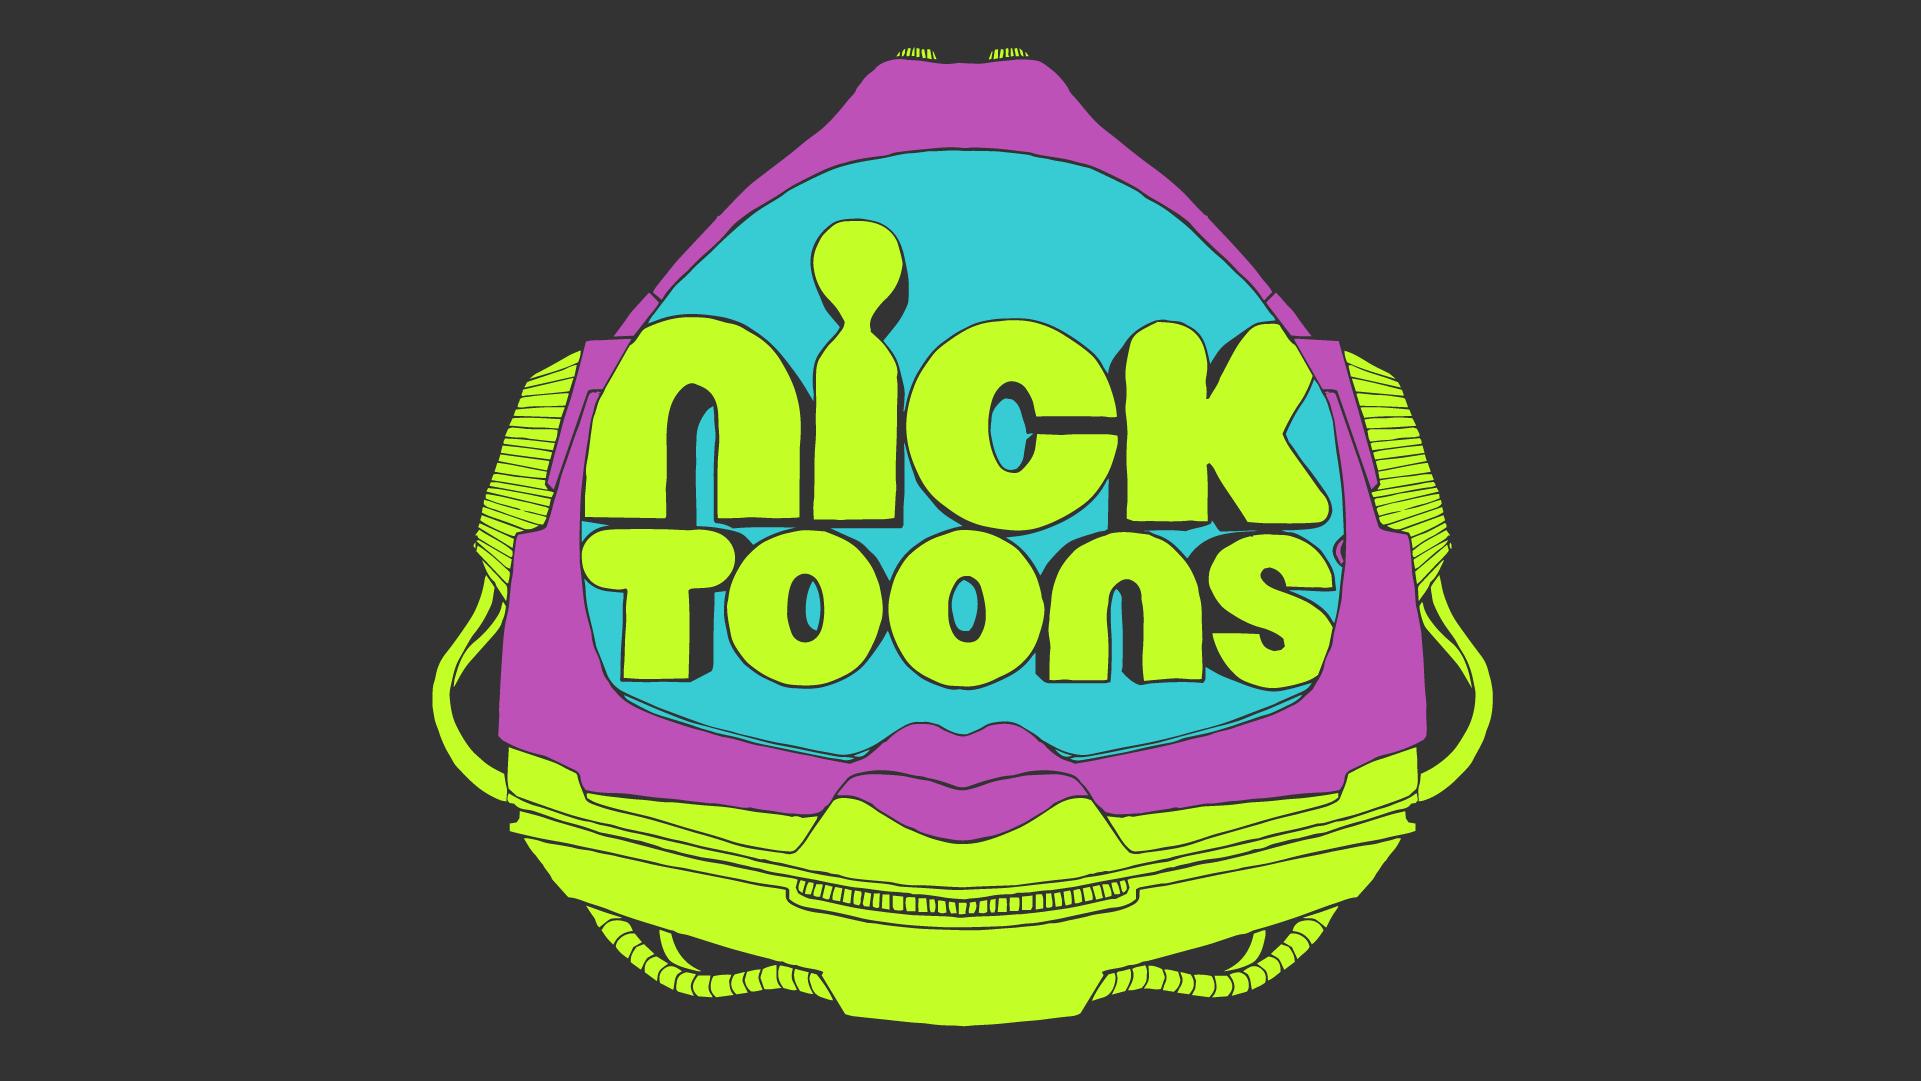 Nicktoons_ID_Mask_01.png